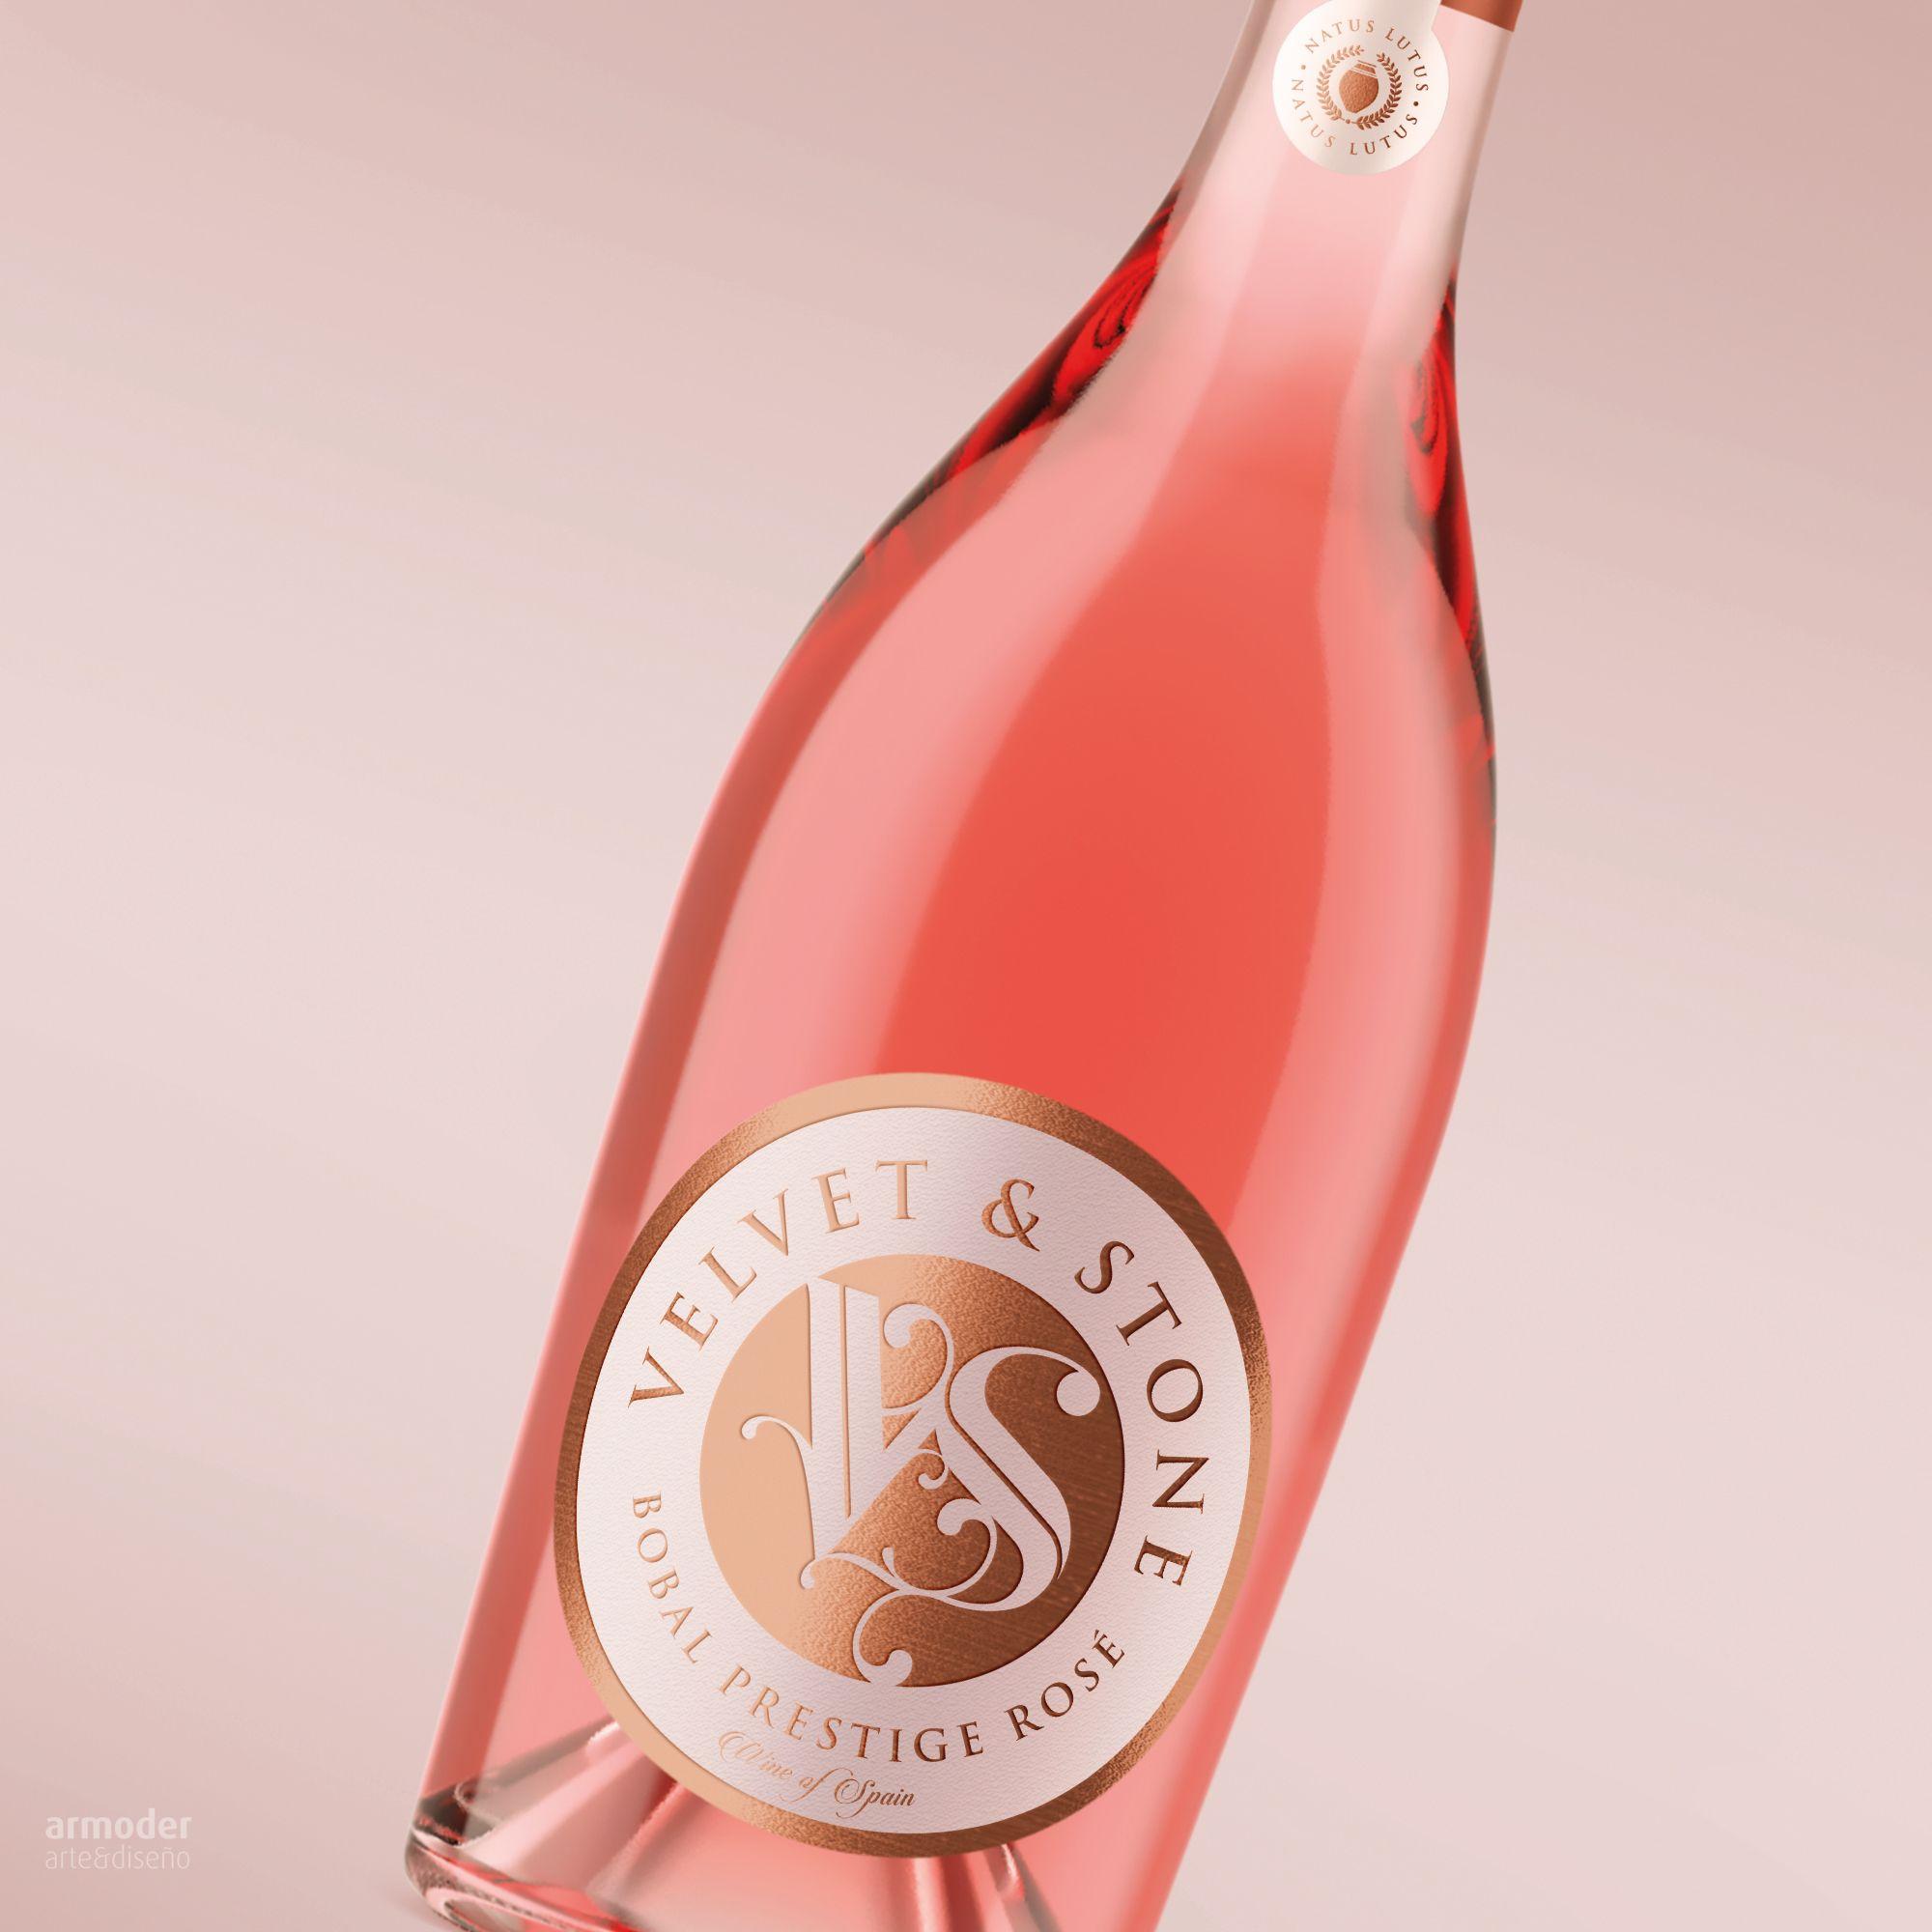 Diseno Logo Marca Etiqueta Vino Velvet Stone On Behance Wine Bottle Pisco Rose Wine Bottle